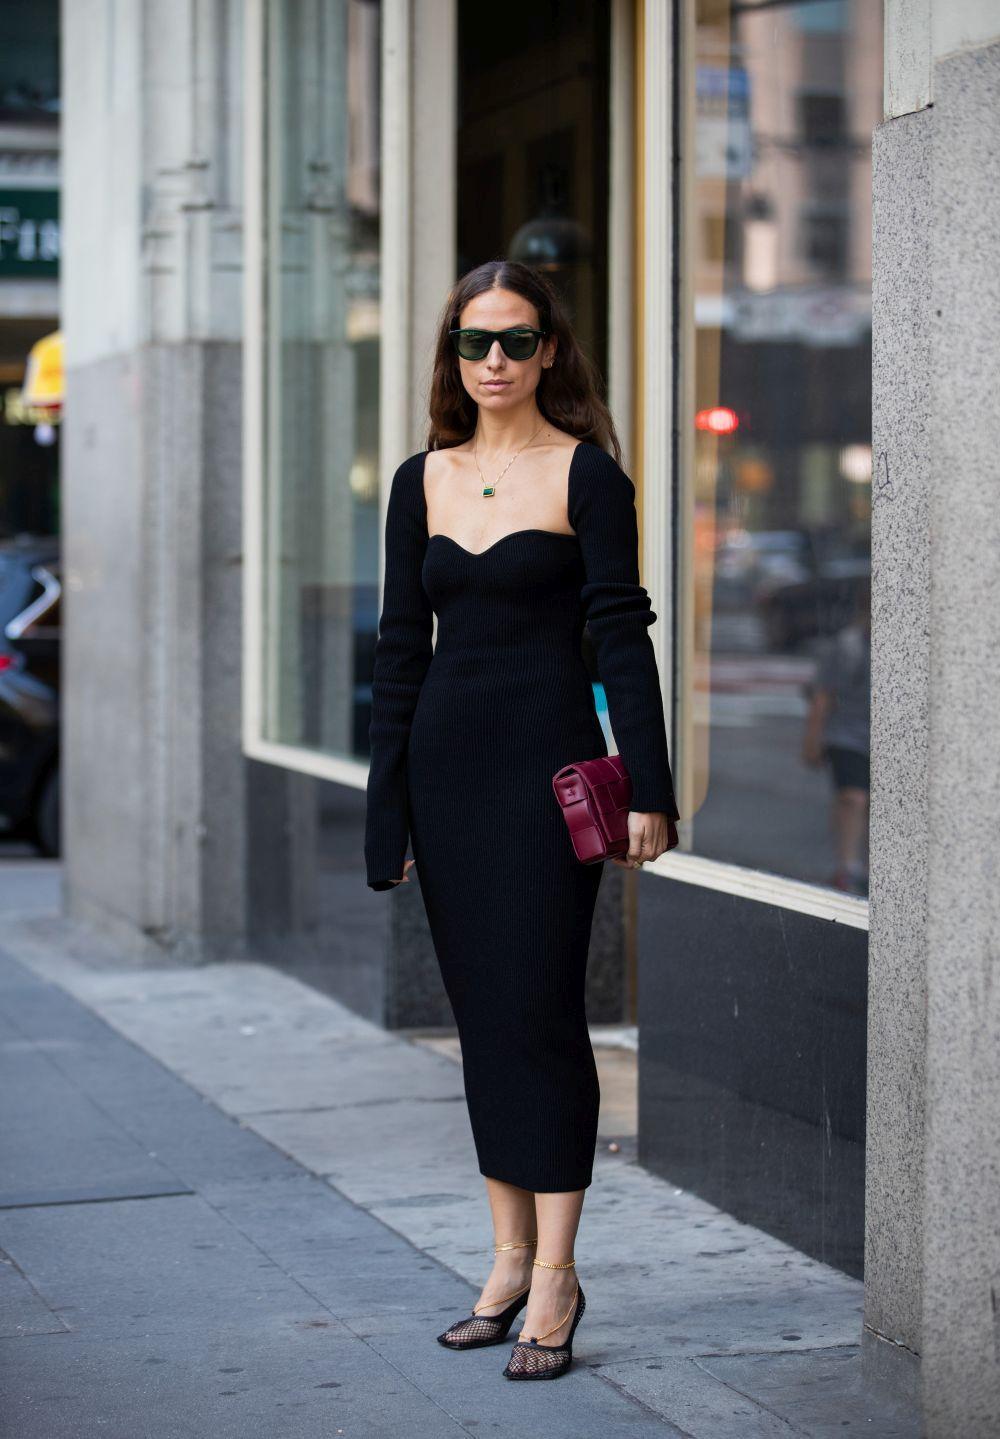 Erika Boldrin luce el vestido negro en clave gótica.